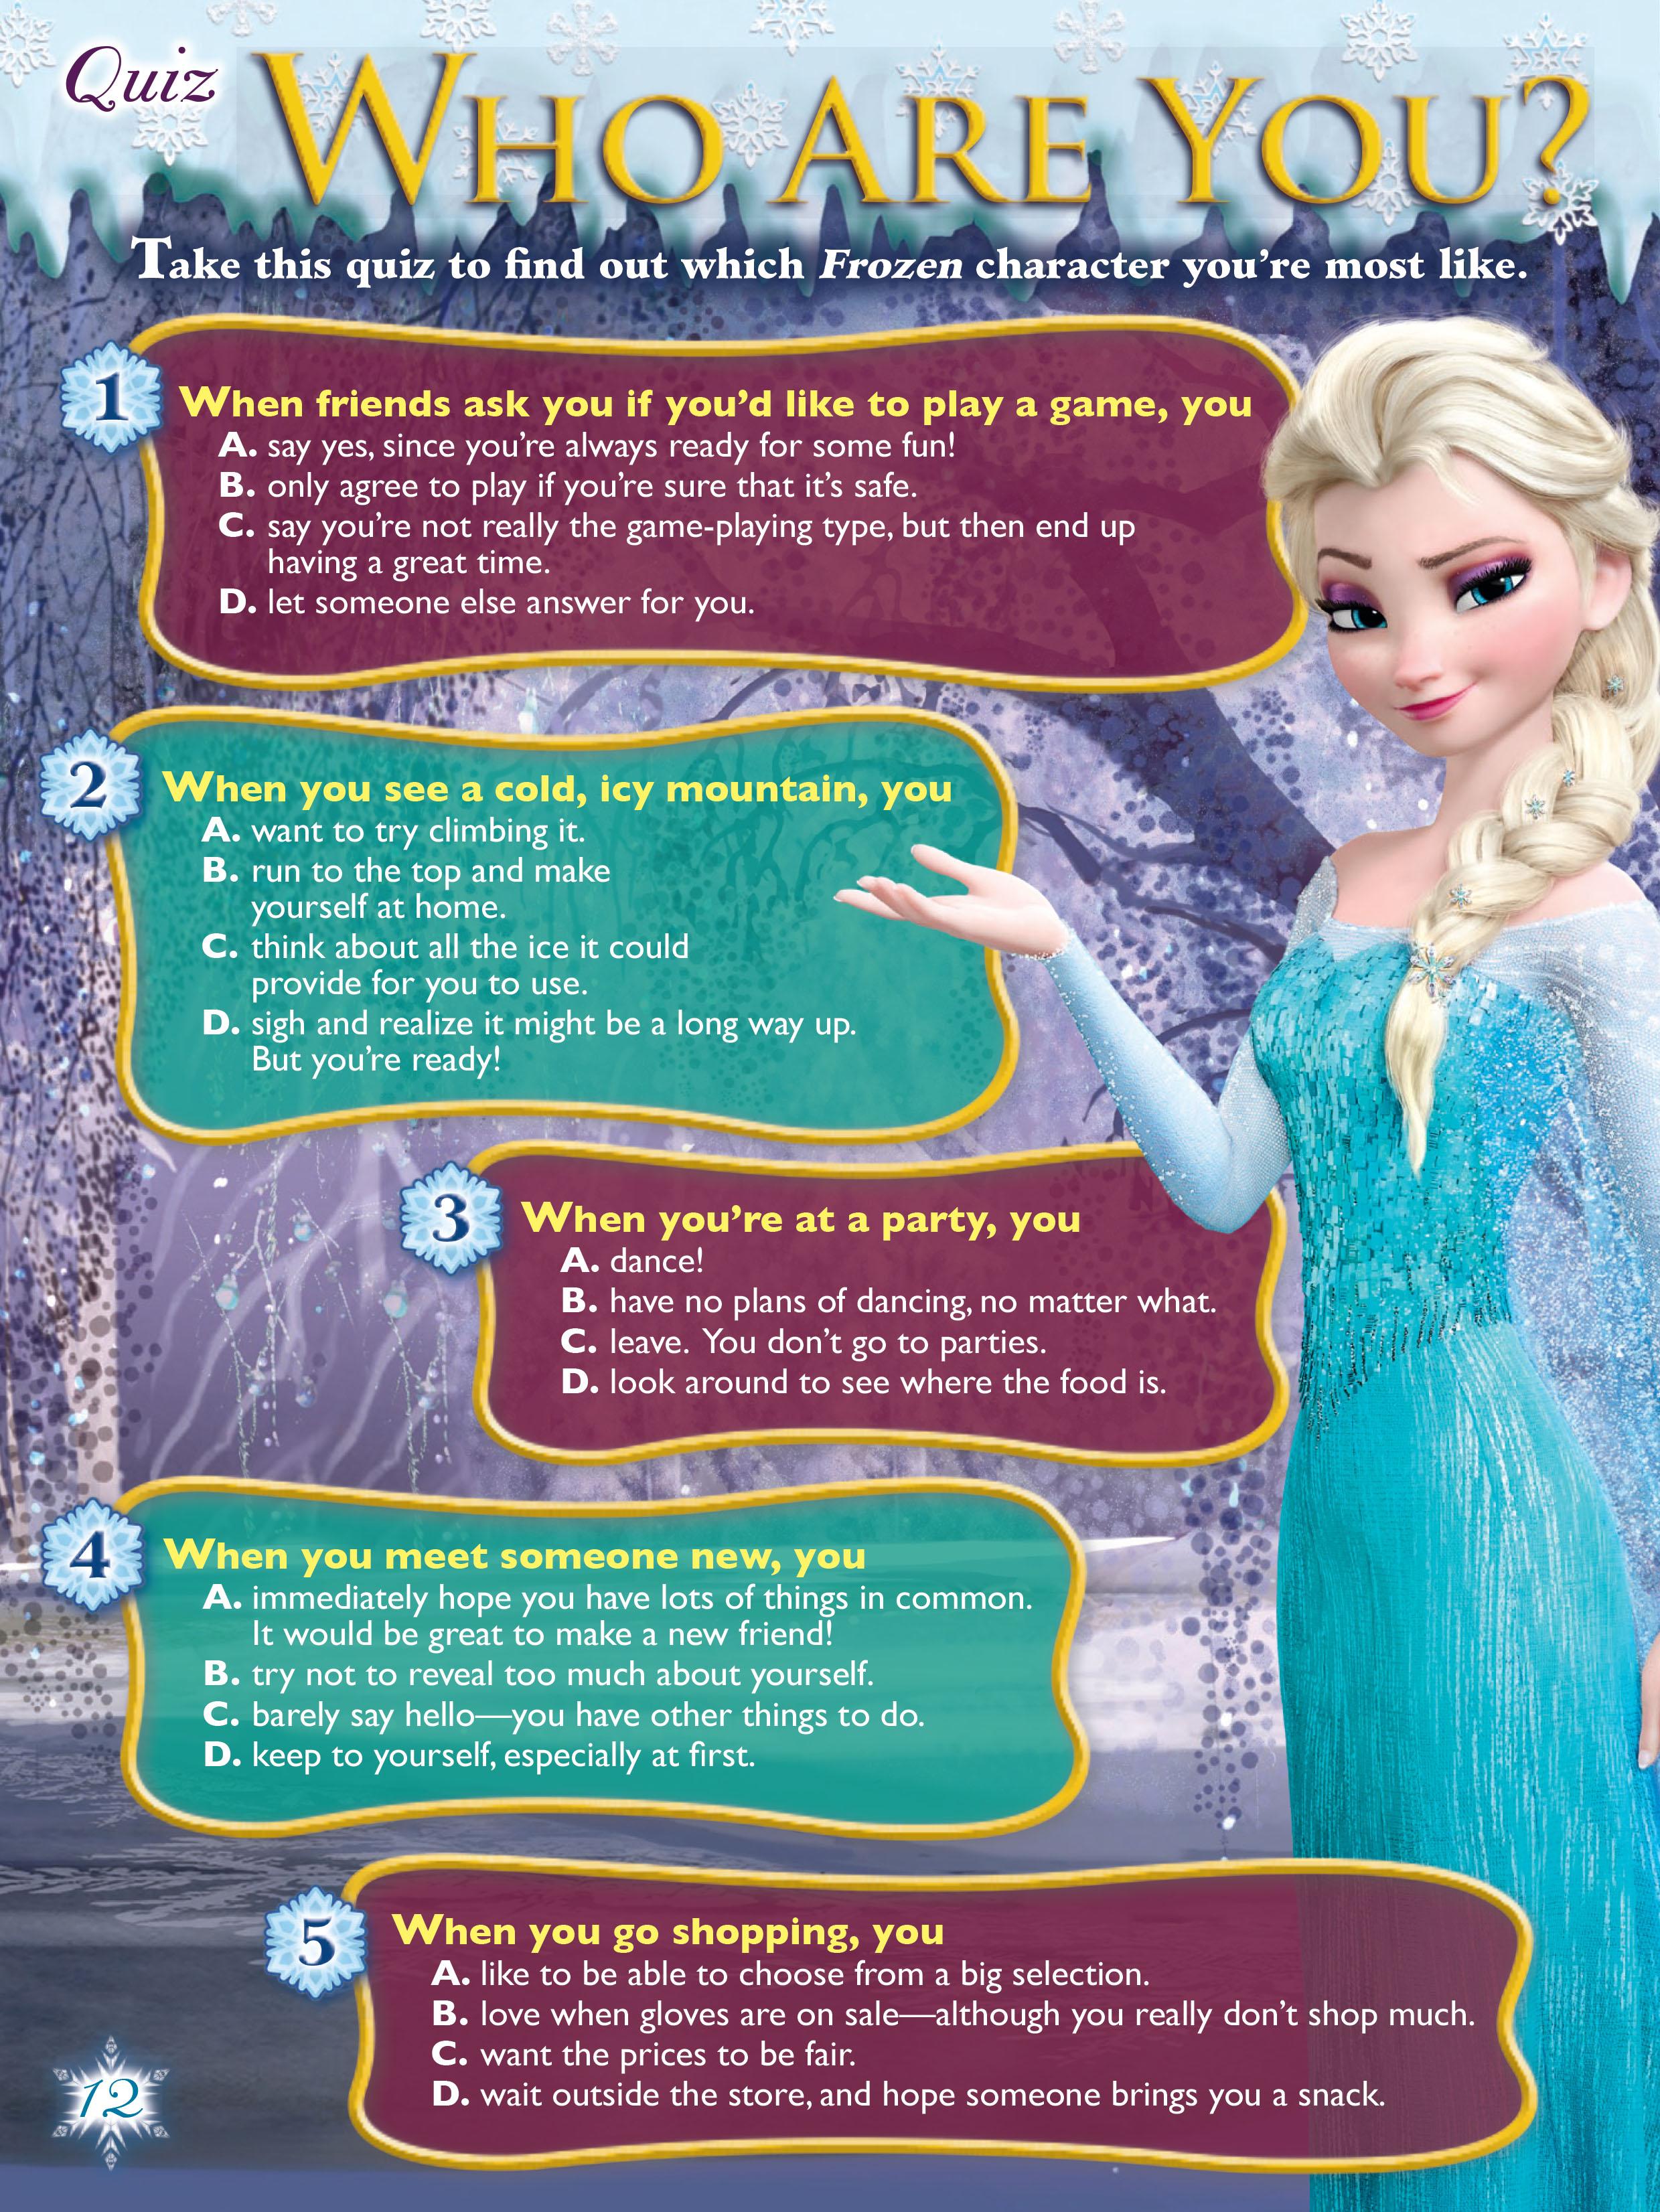 Disney_FrozenQuiz_FRZ_C1-48_090613 (dragged)-1.jpg